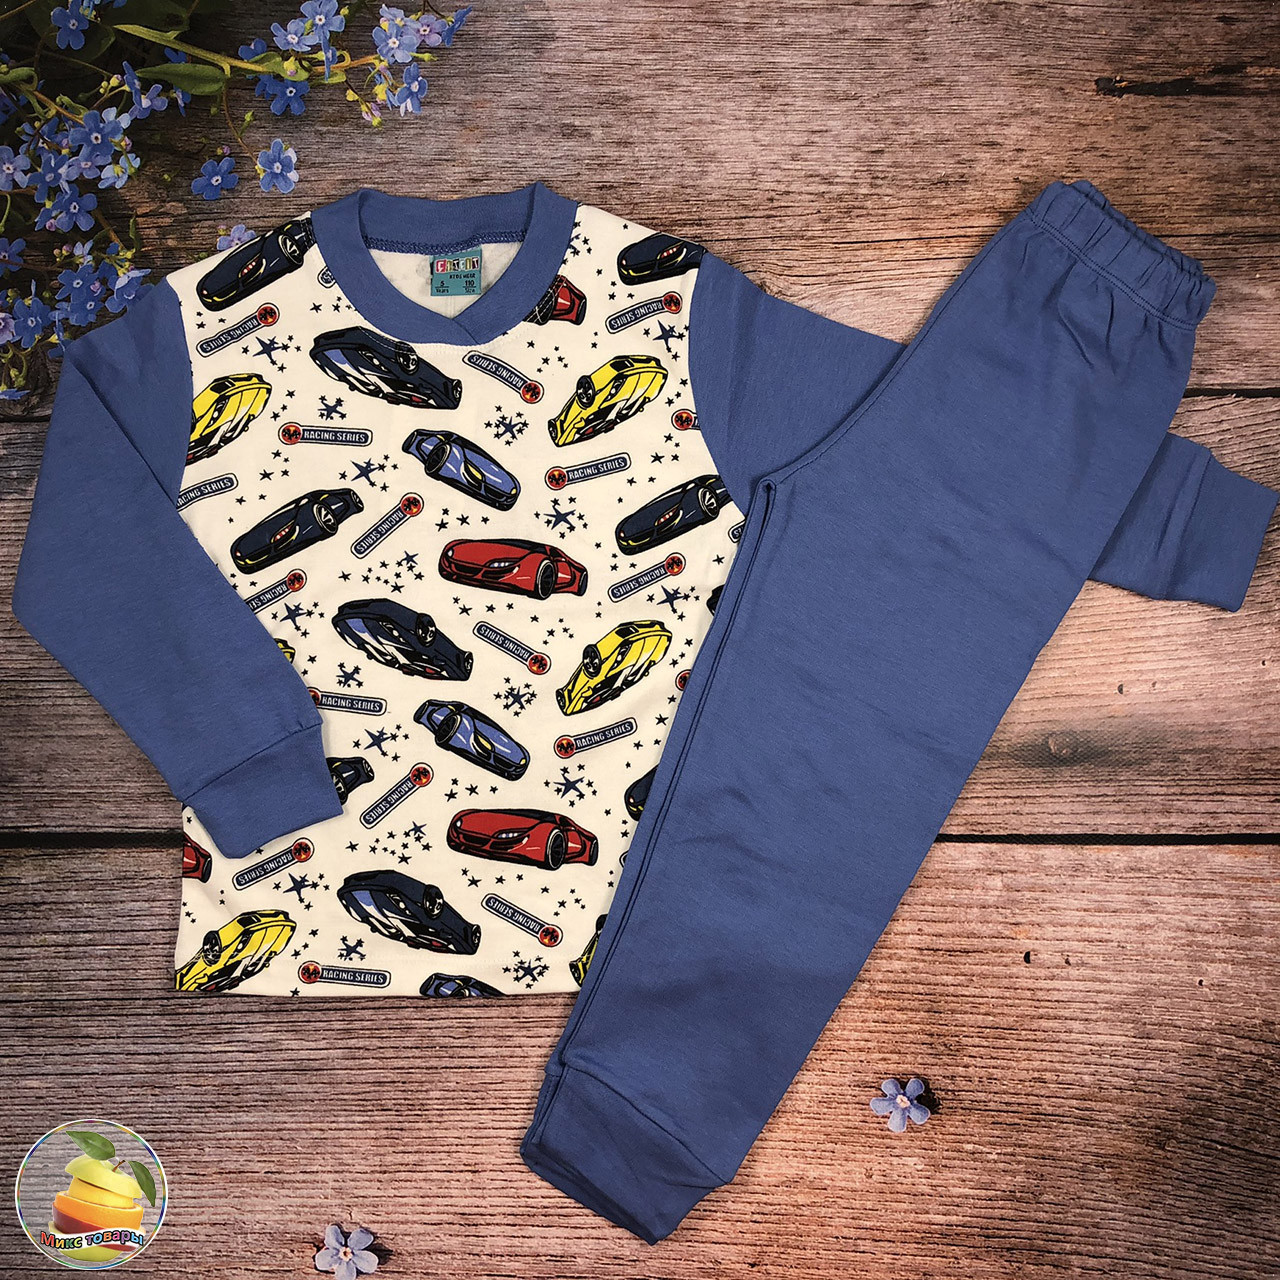 Пижама для мальчика подростка Рост: 134,140,146,152 см (20790-3)